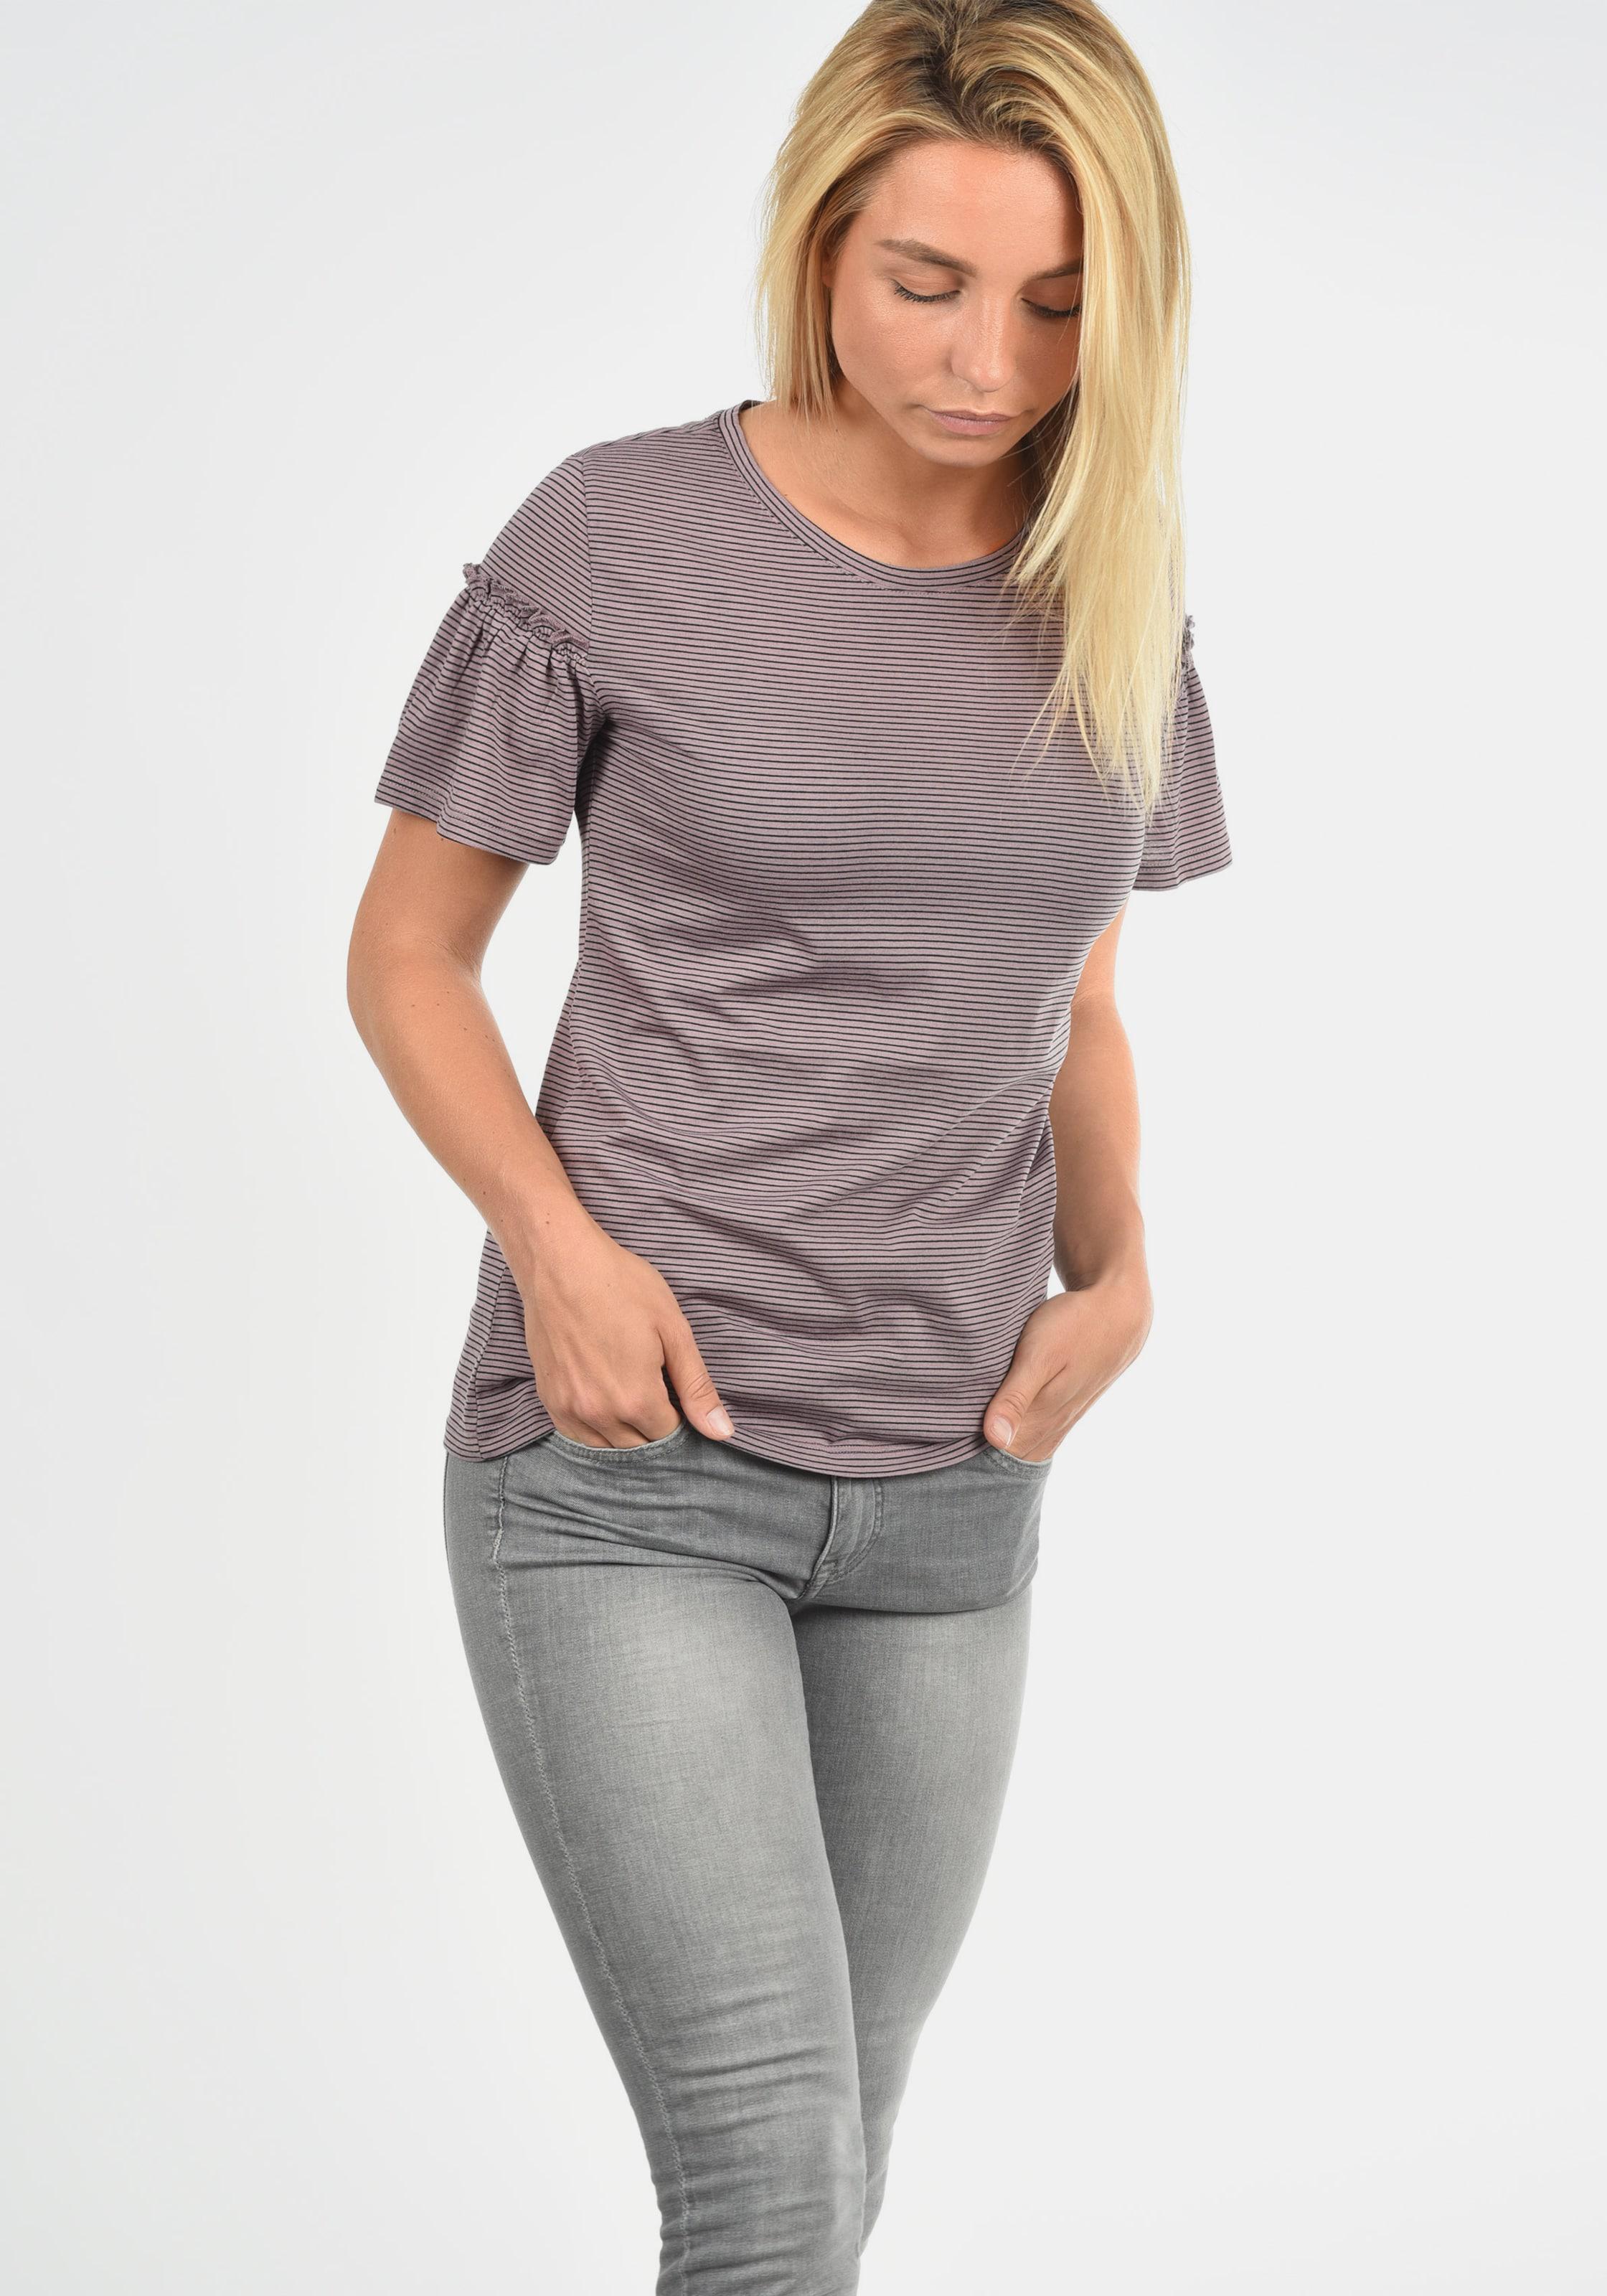 T 'linn' Jacqueline De Yong shirt In Braun JTF1lKcu35